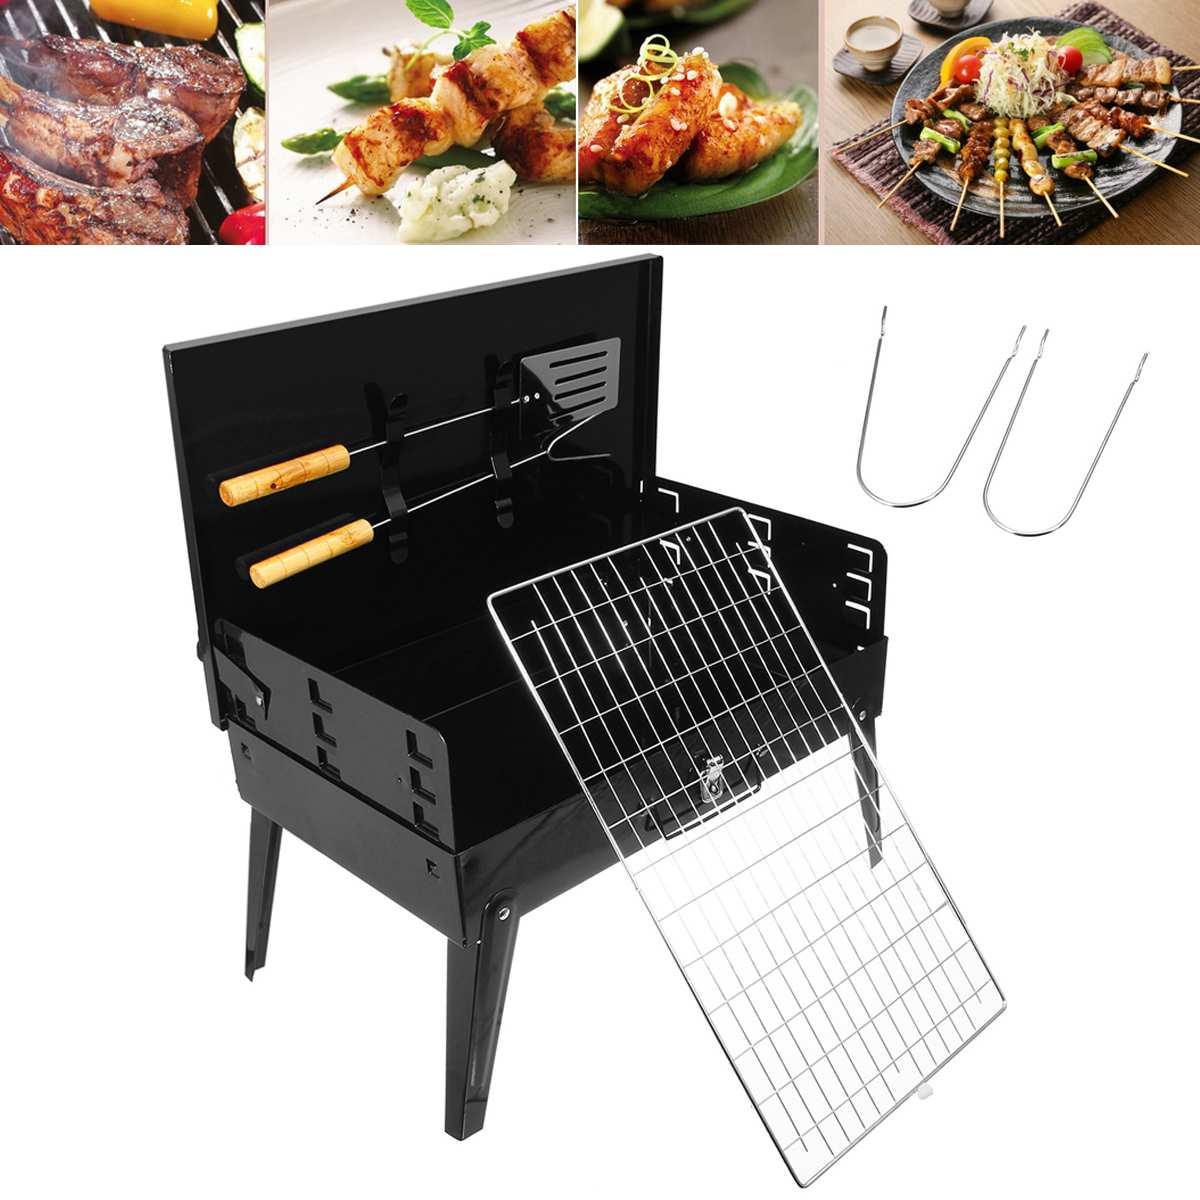 Barbecue Barbecue Barbecue pliant Portable charbon de bois Camping jardin extérieur avec outils acier inoxydable avec 4 pieds pliables réglable